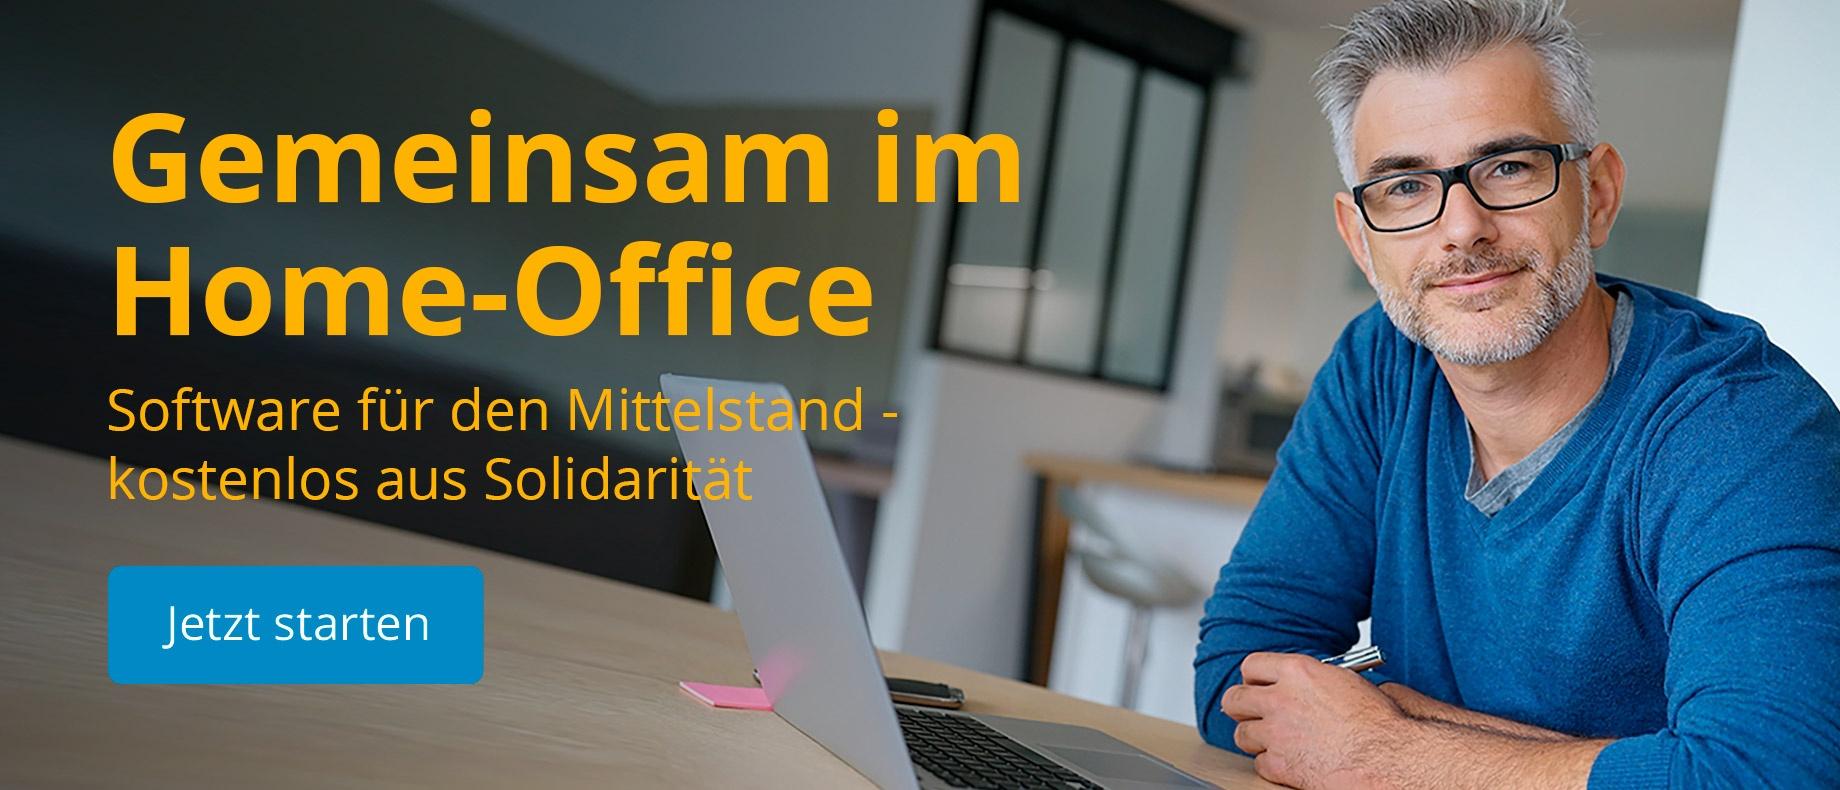 Gemeinsam im Home-Office -Jetzt- Starten-